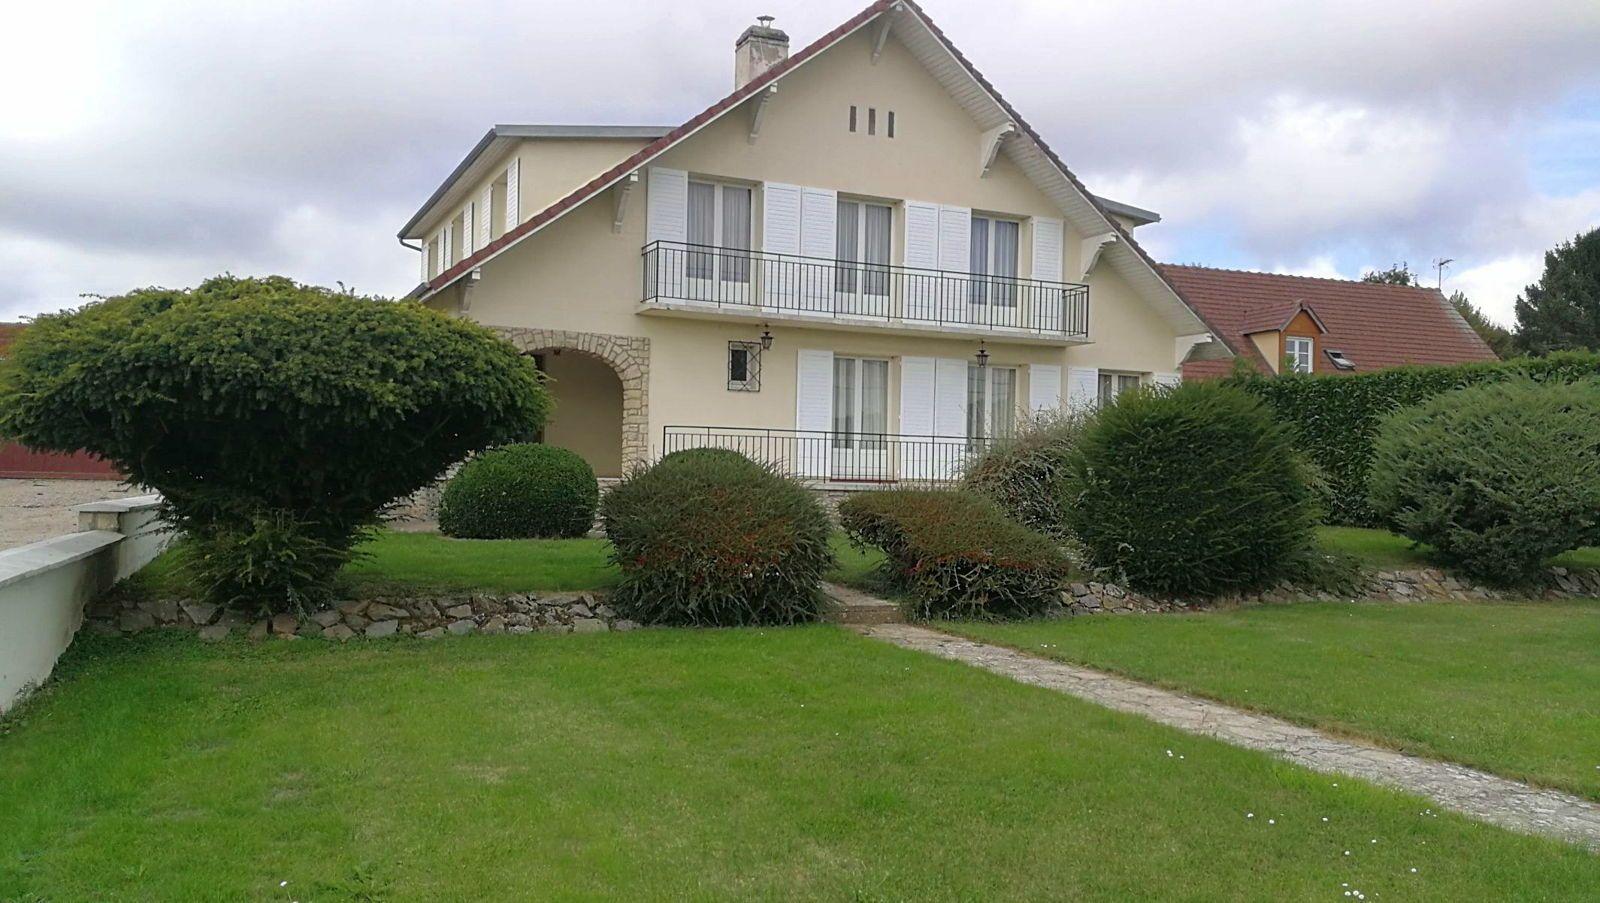 Vends maison de 200m², 4chambres - MOLIENS (60) à 1h30de Paris